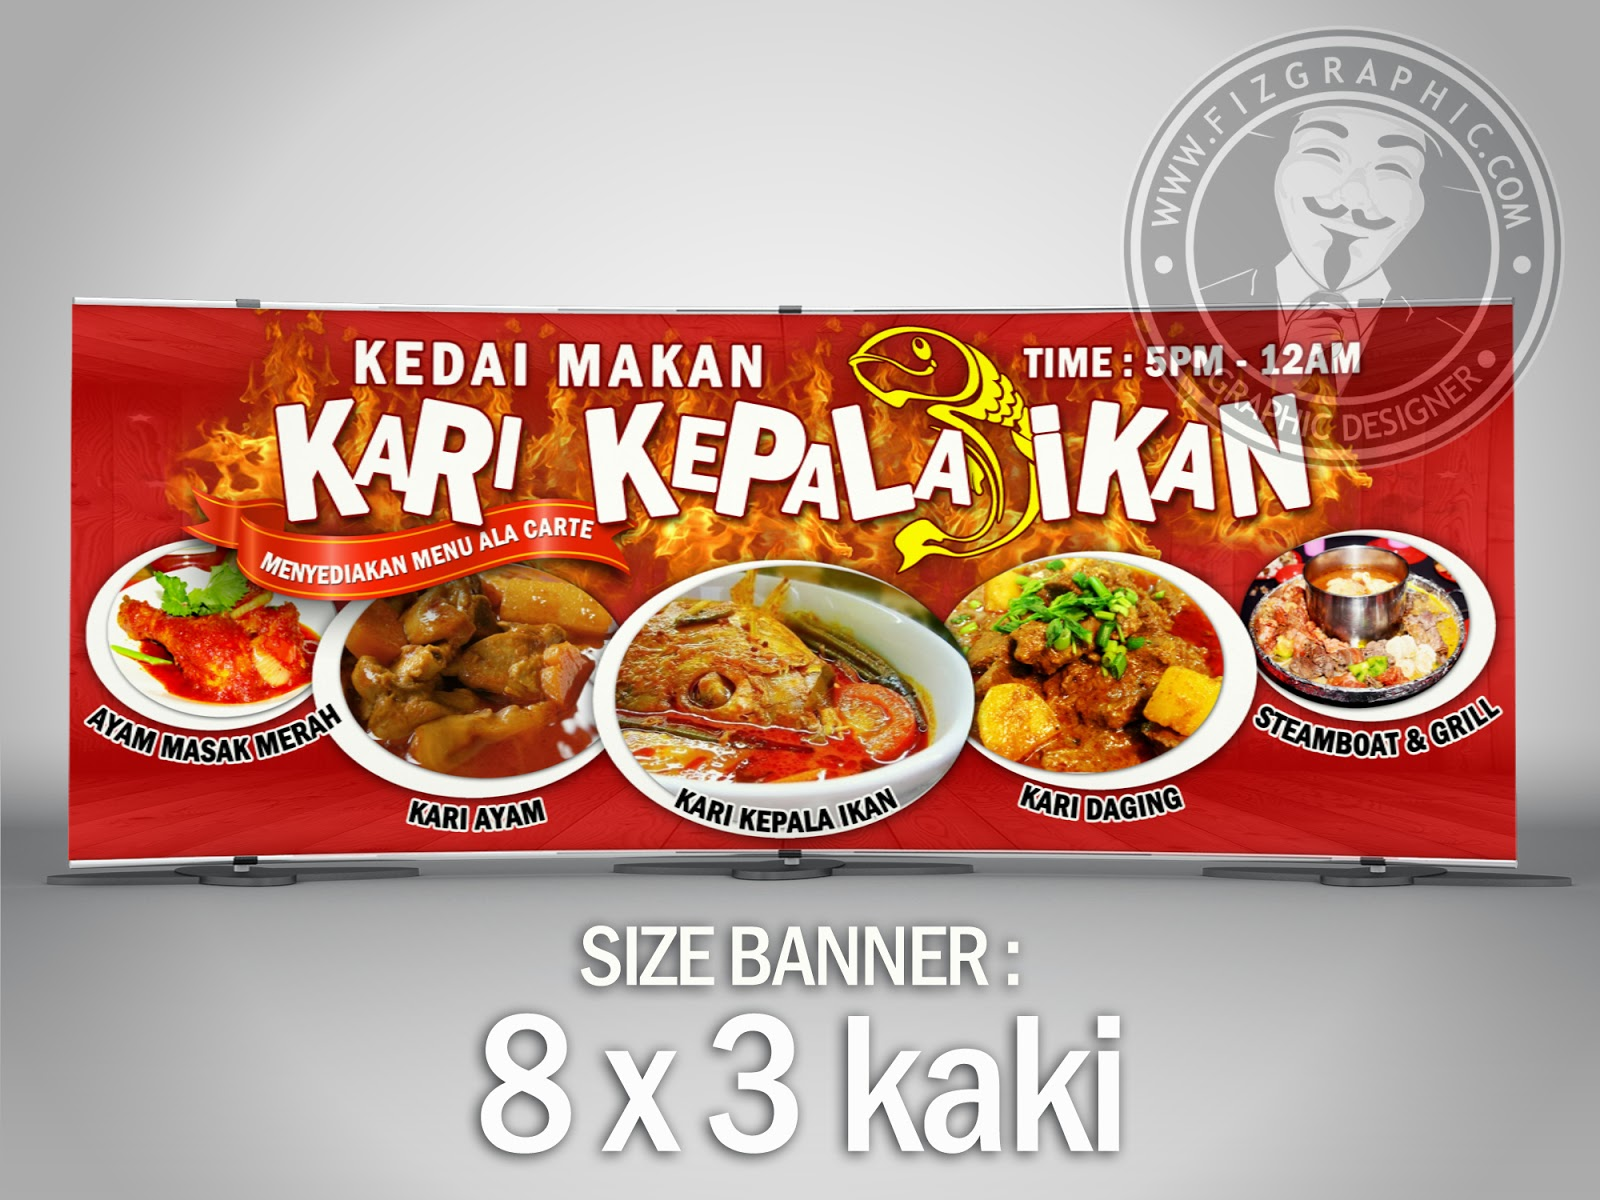 Menu Contoh Banner Kedai Makan